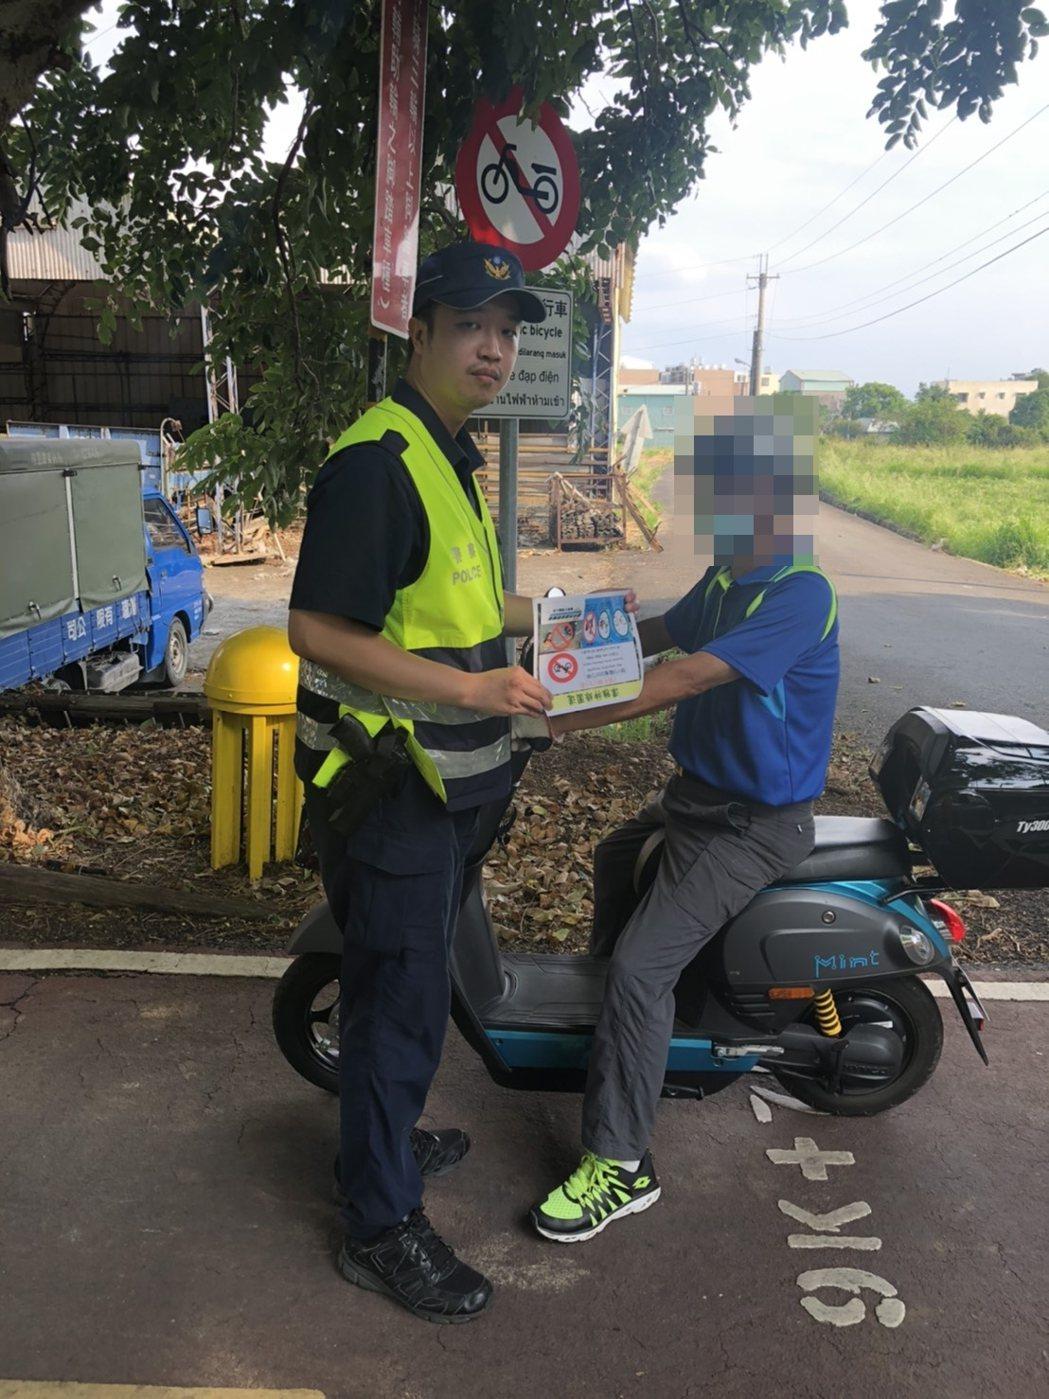 交通新制本月1日上路,騎乘電動自行車須配戴安全帽,否則恐吃上「未配戴安全帽」的3...